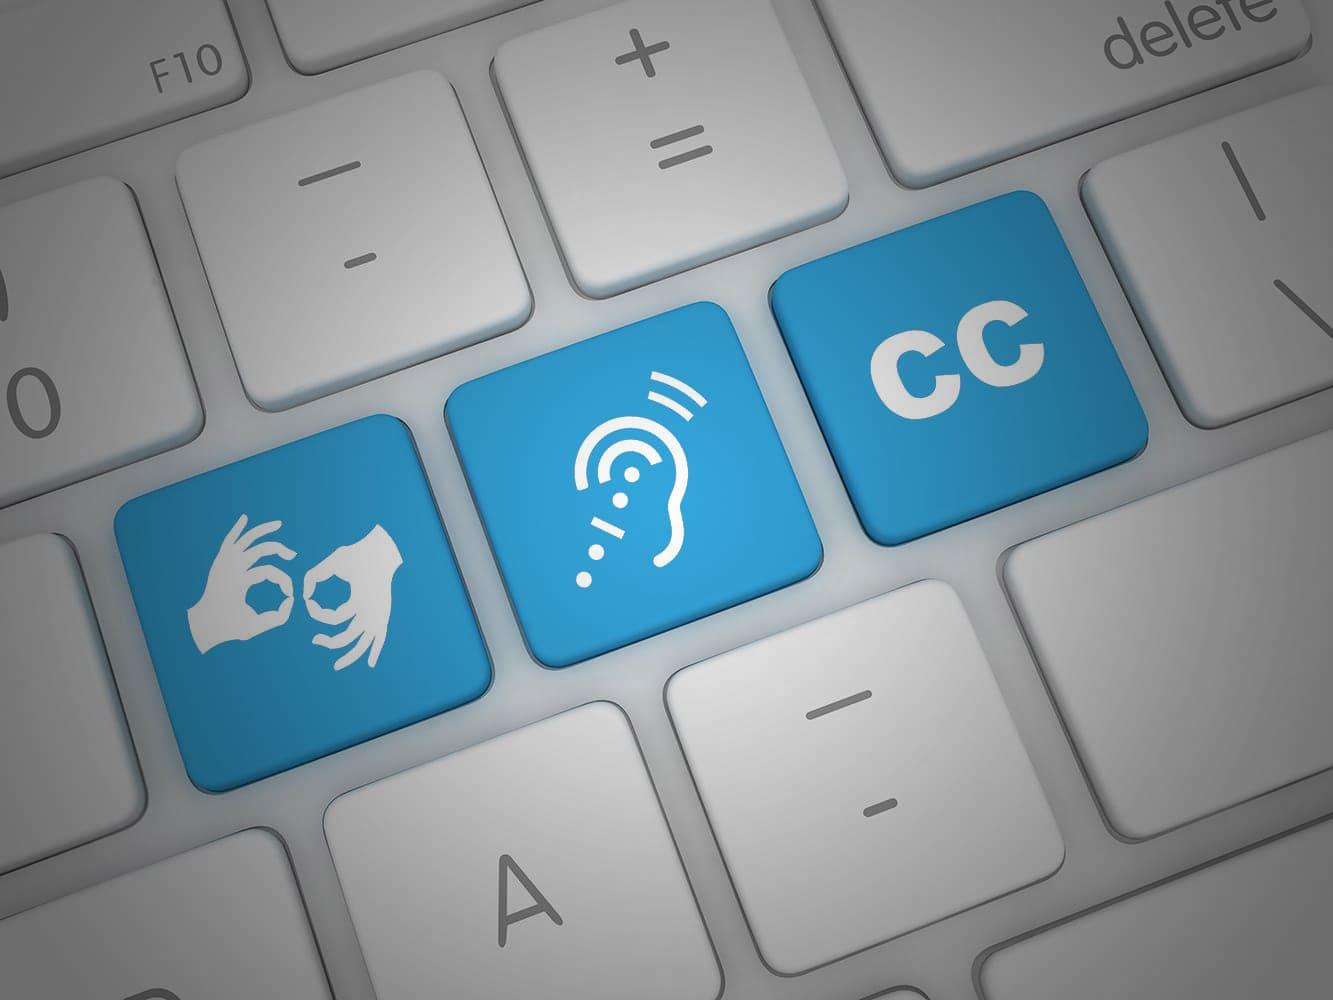 Teclado de computador com símbolos de Libras, Deficiência Auditiva e Legendagem, ilustrando Setembro Azul 2021: Acessibilidade digital favorece a inclusão do surdo e a defesa da infância.